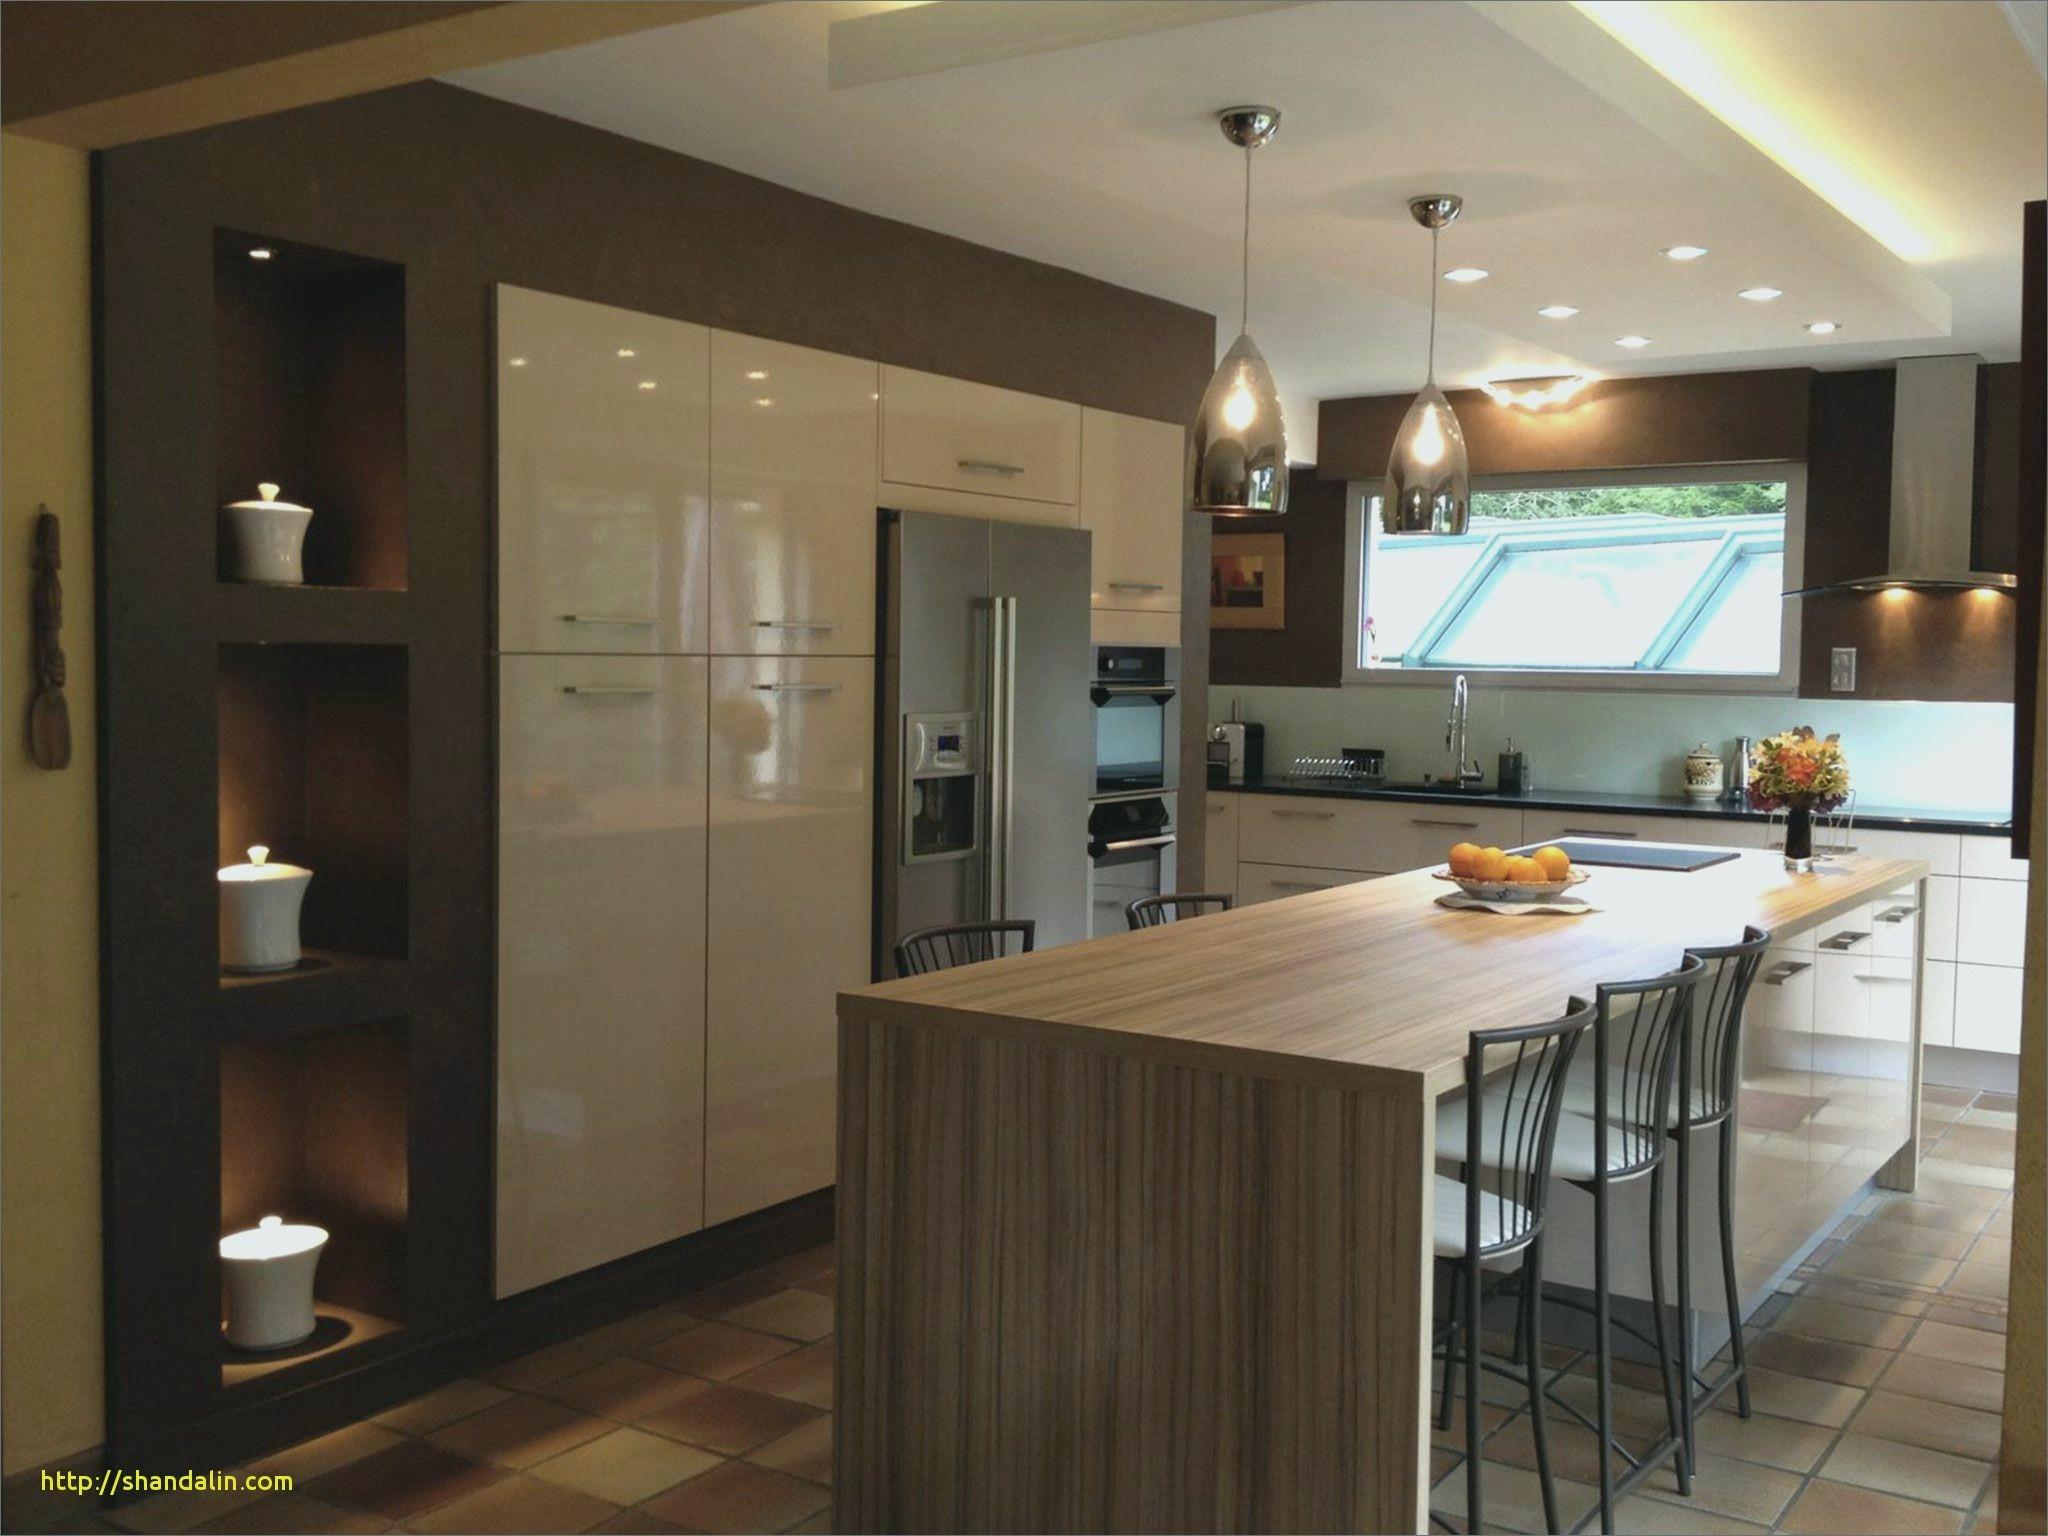 brico depot meuble de cuisine 22 frais brico depot cuisine luna of brico depot meuble de cuisine